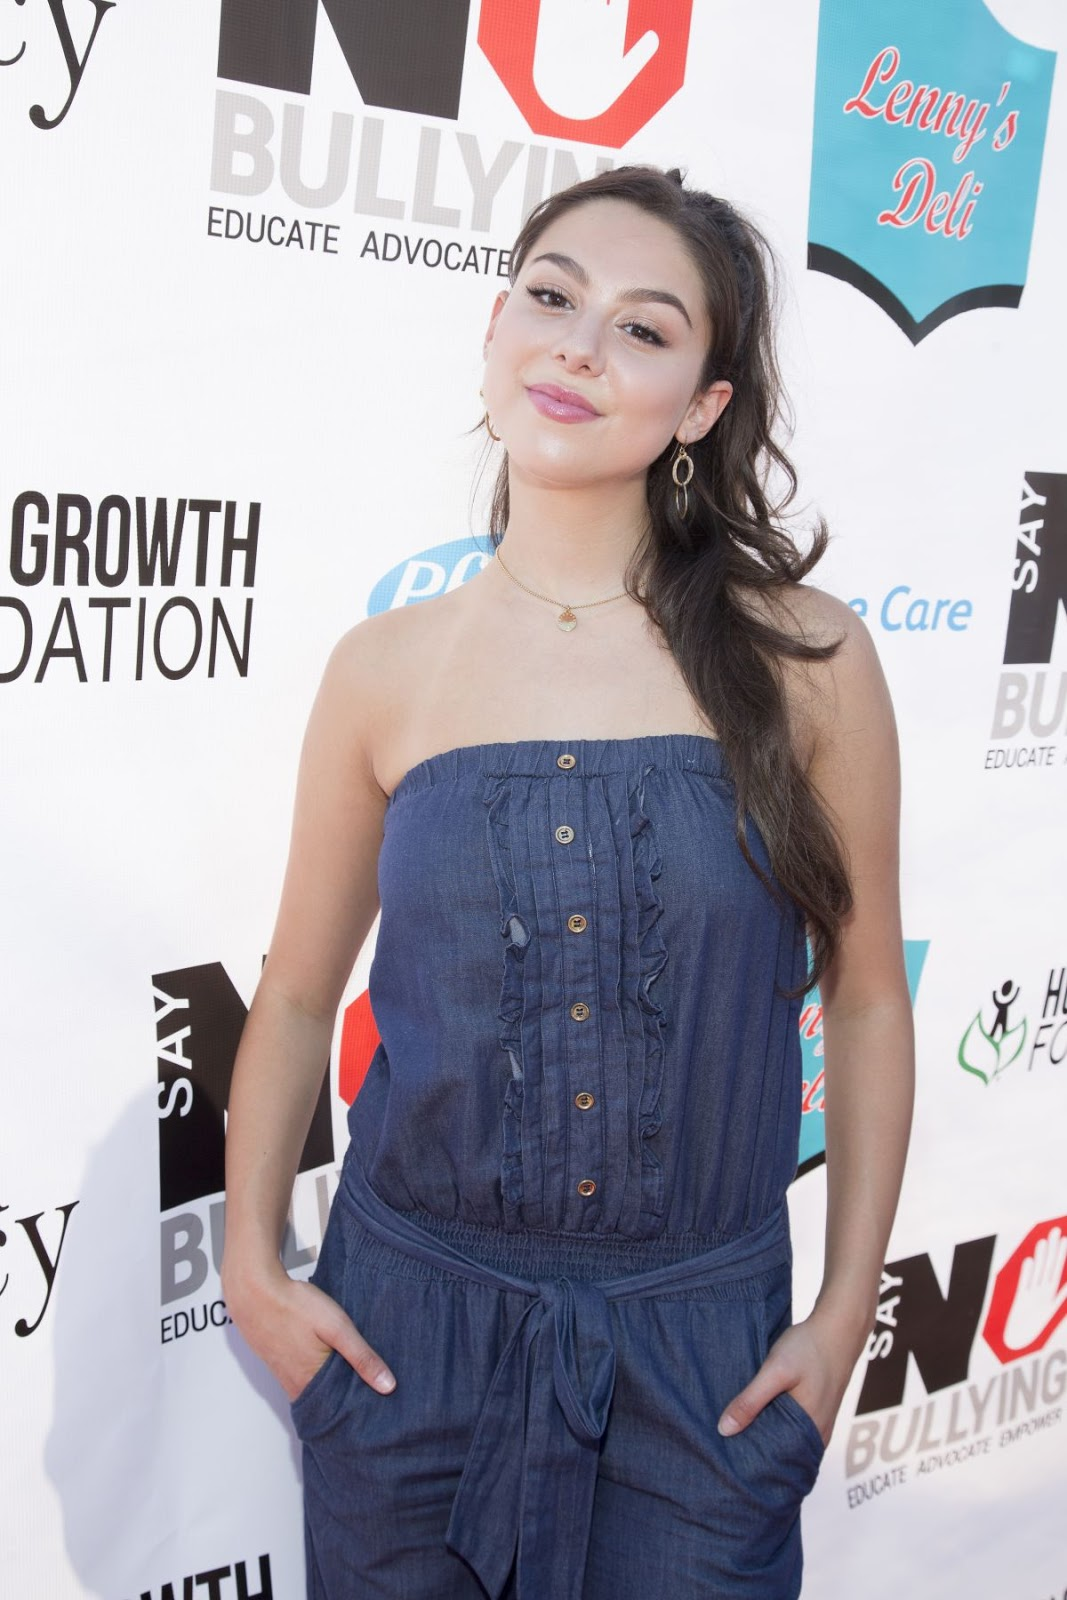 School of Rock actress Kira Kosarin at Say No Bullying Festival at Griffith Park